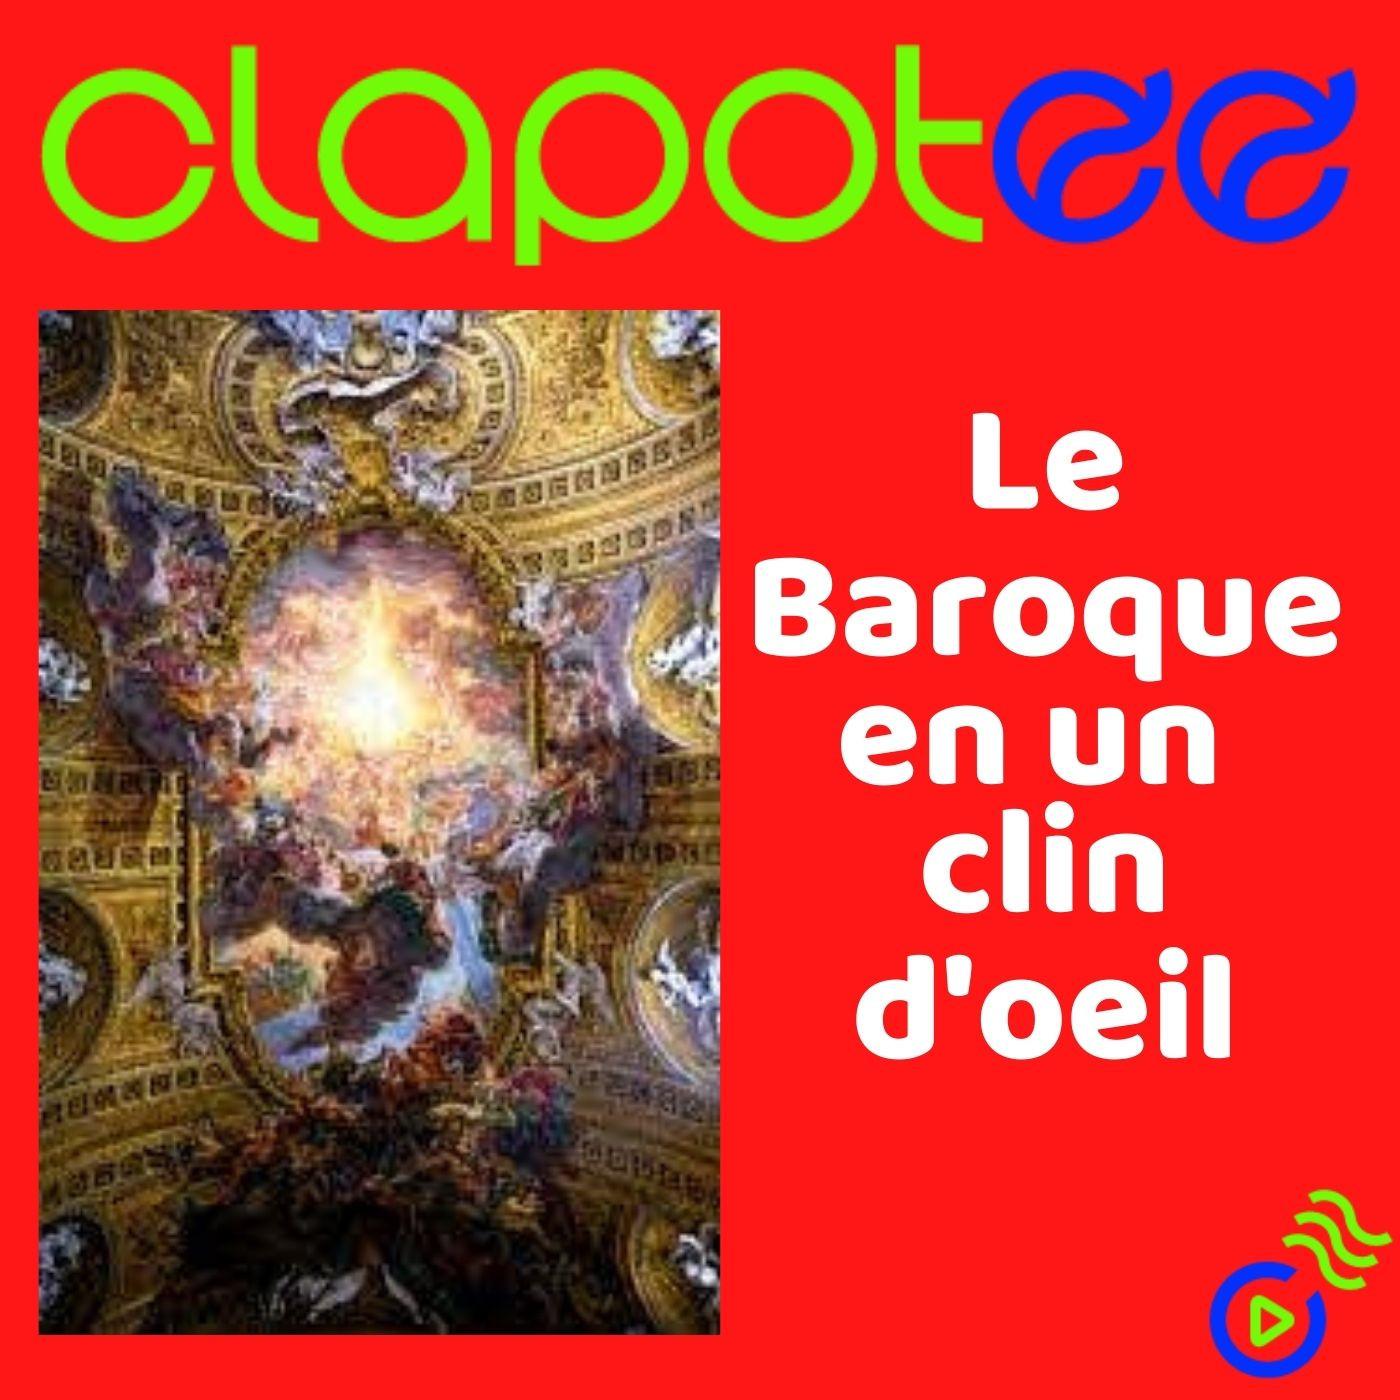 Le Baroque en un clin d'oeil !